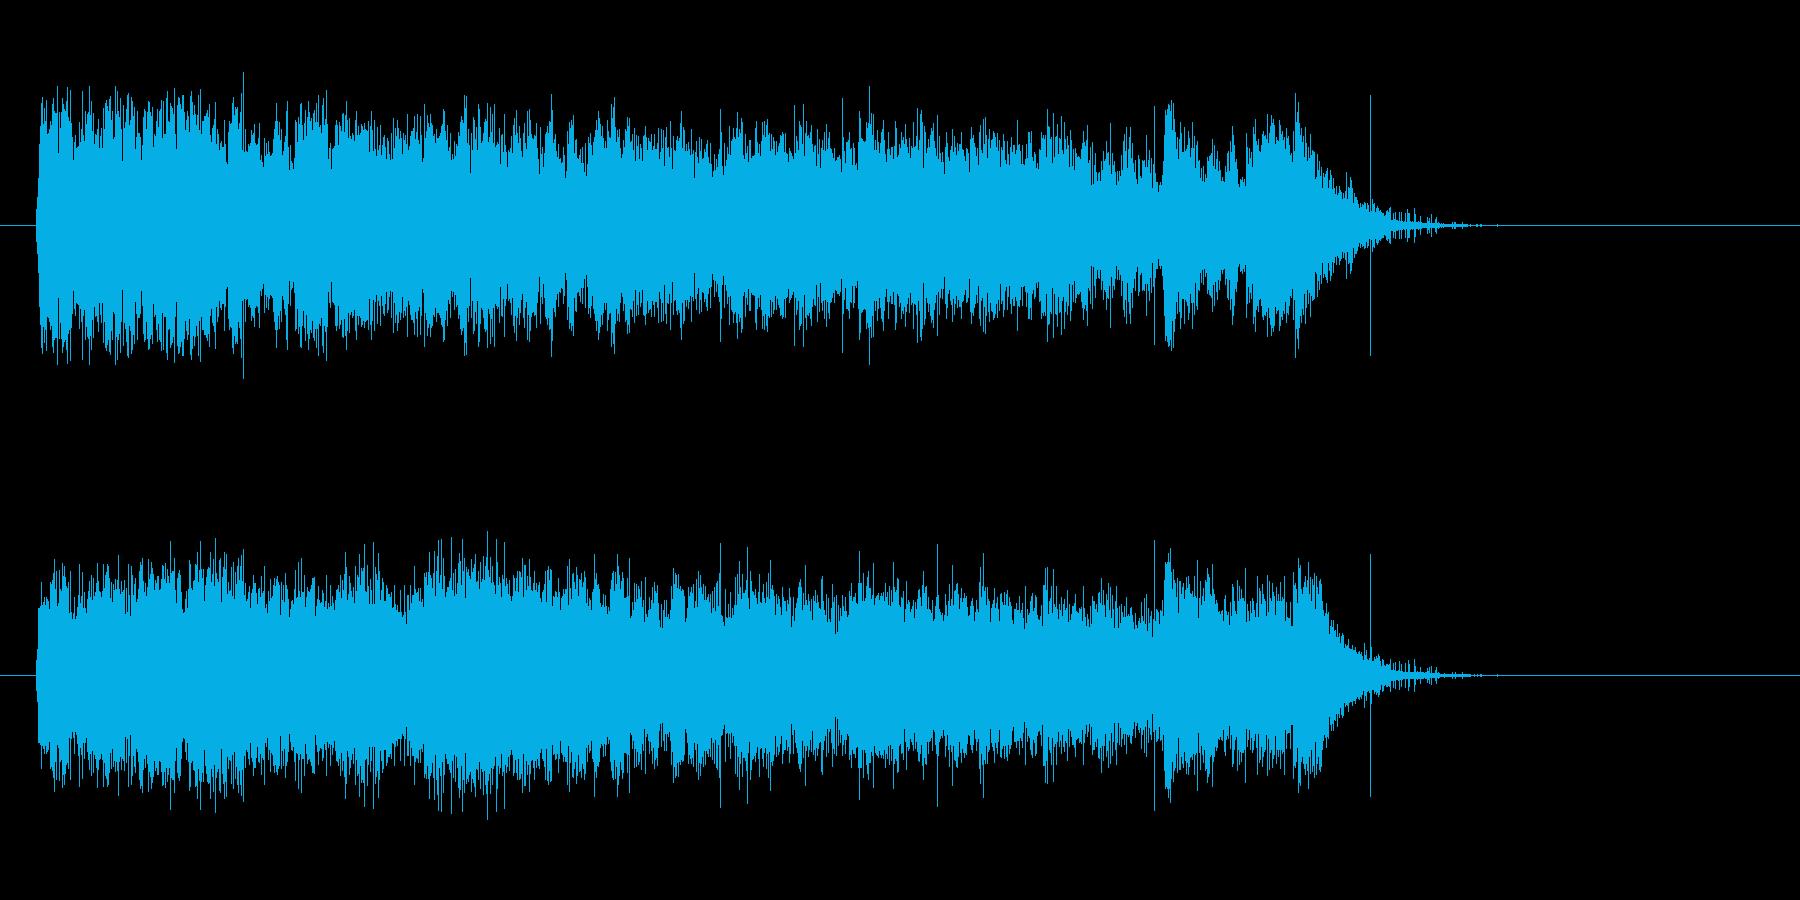 疾走感のある壮大な音楽の再生済みの波形